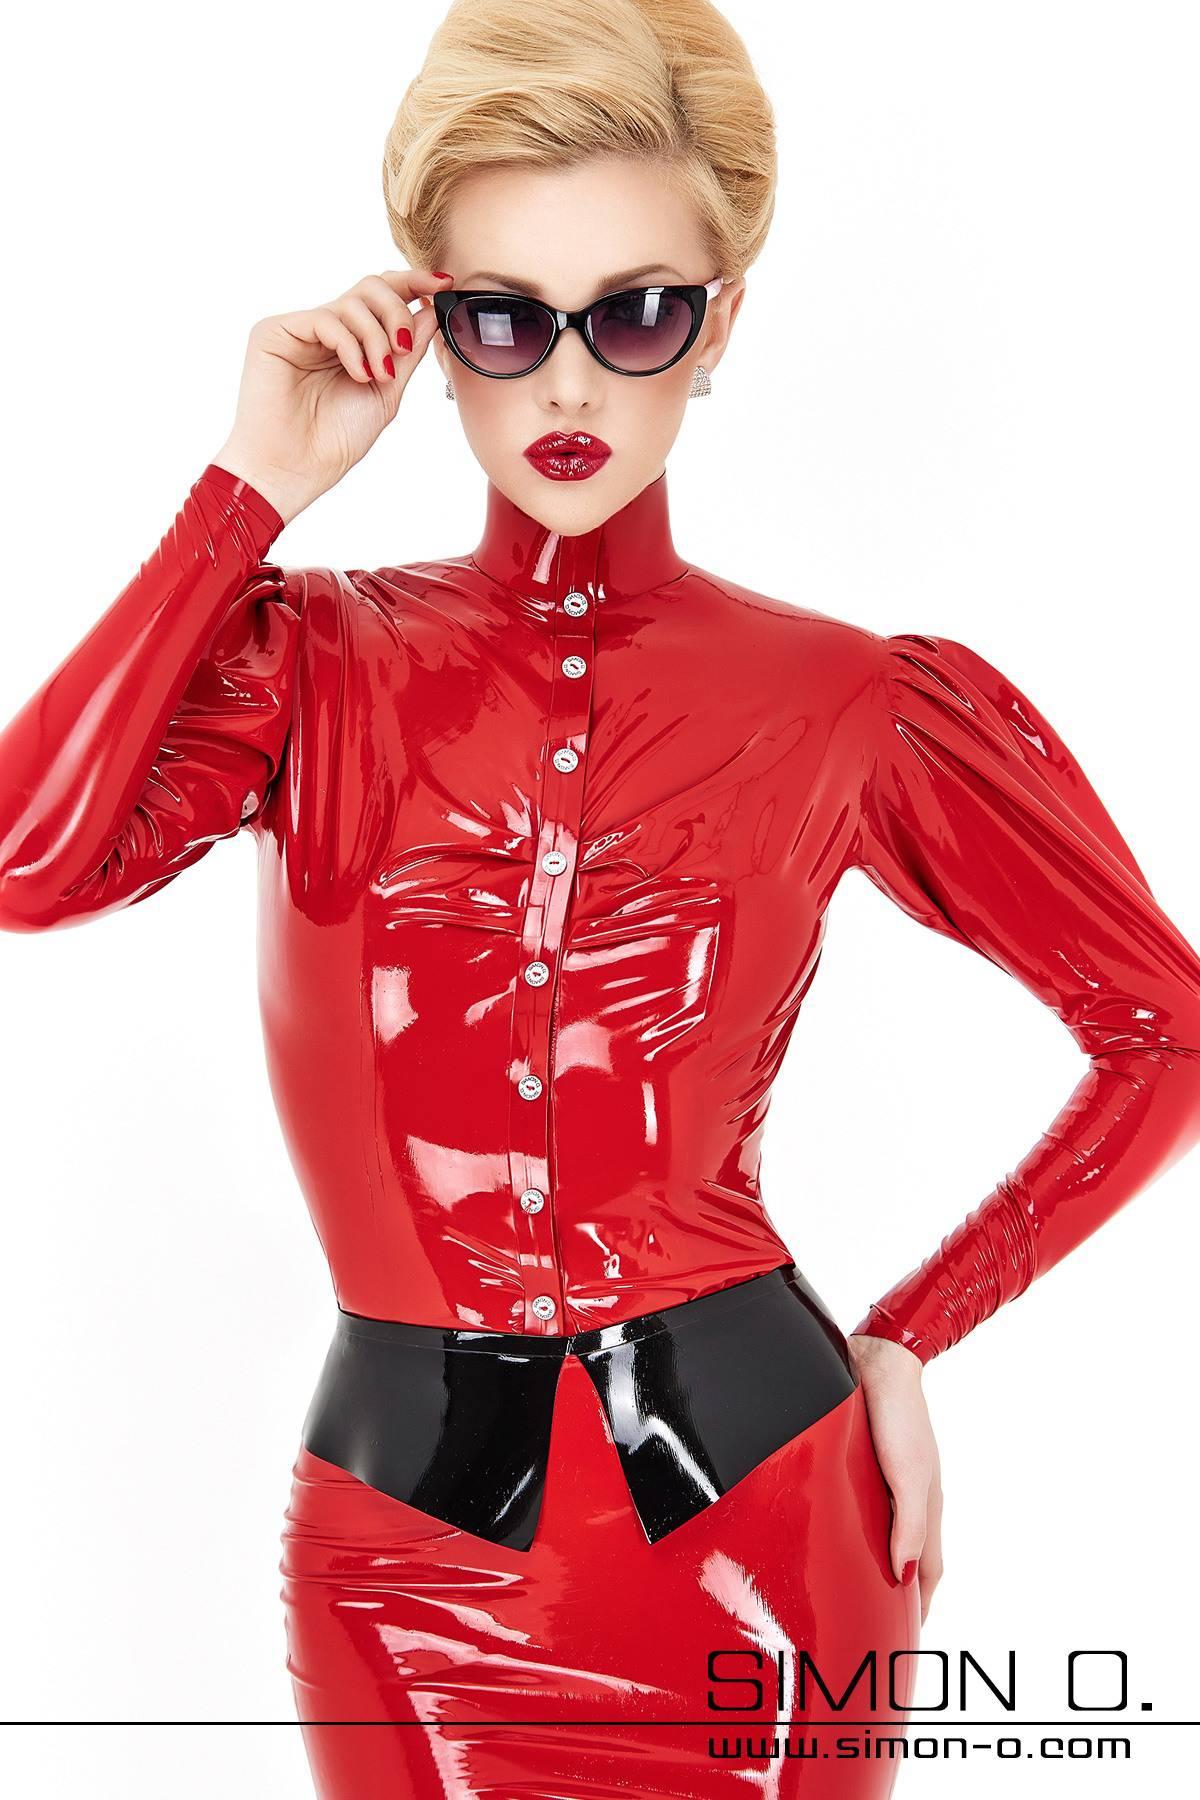 Eine blonde Frau mit Sonnenbrille trägt eine enge glänzende Damen Latex Bluse in Rot mit Stehkragen